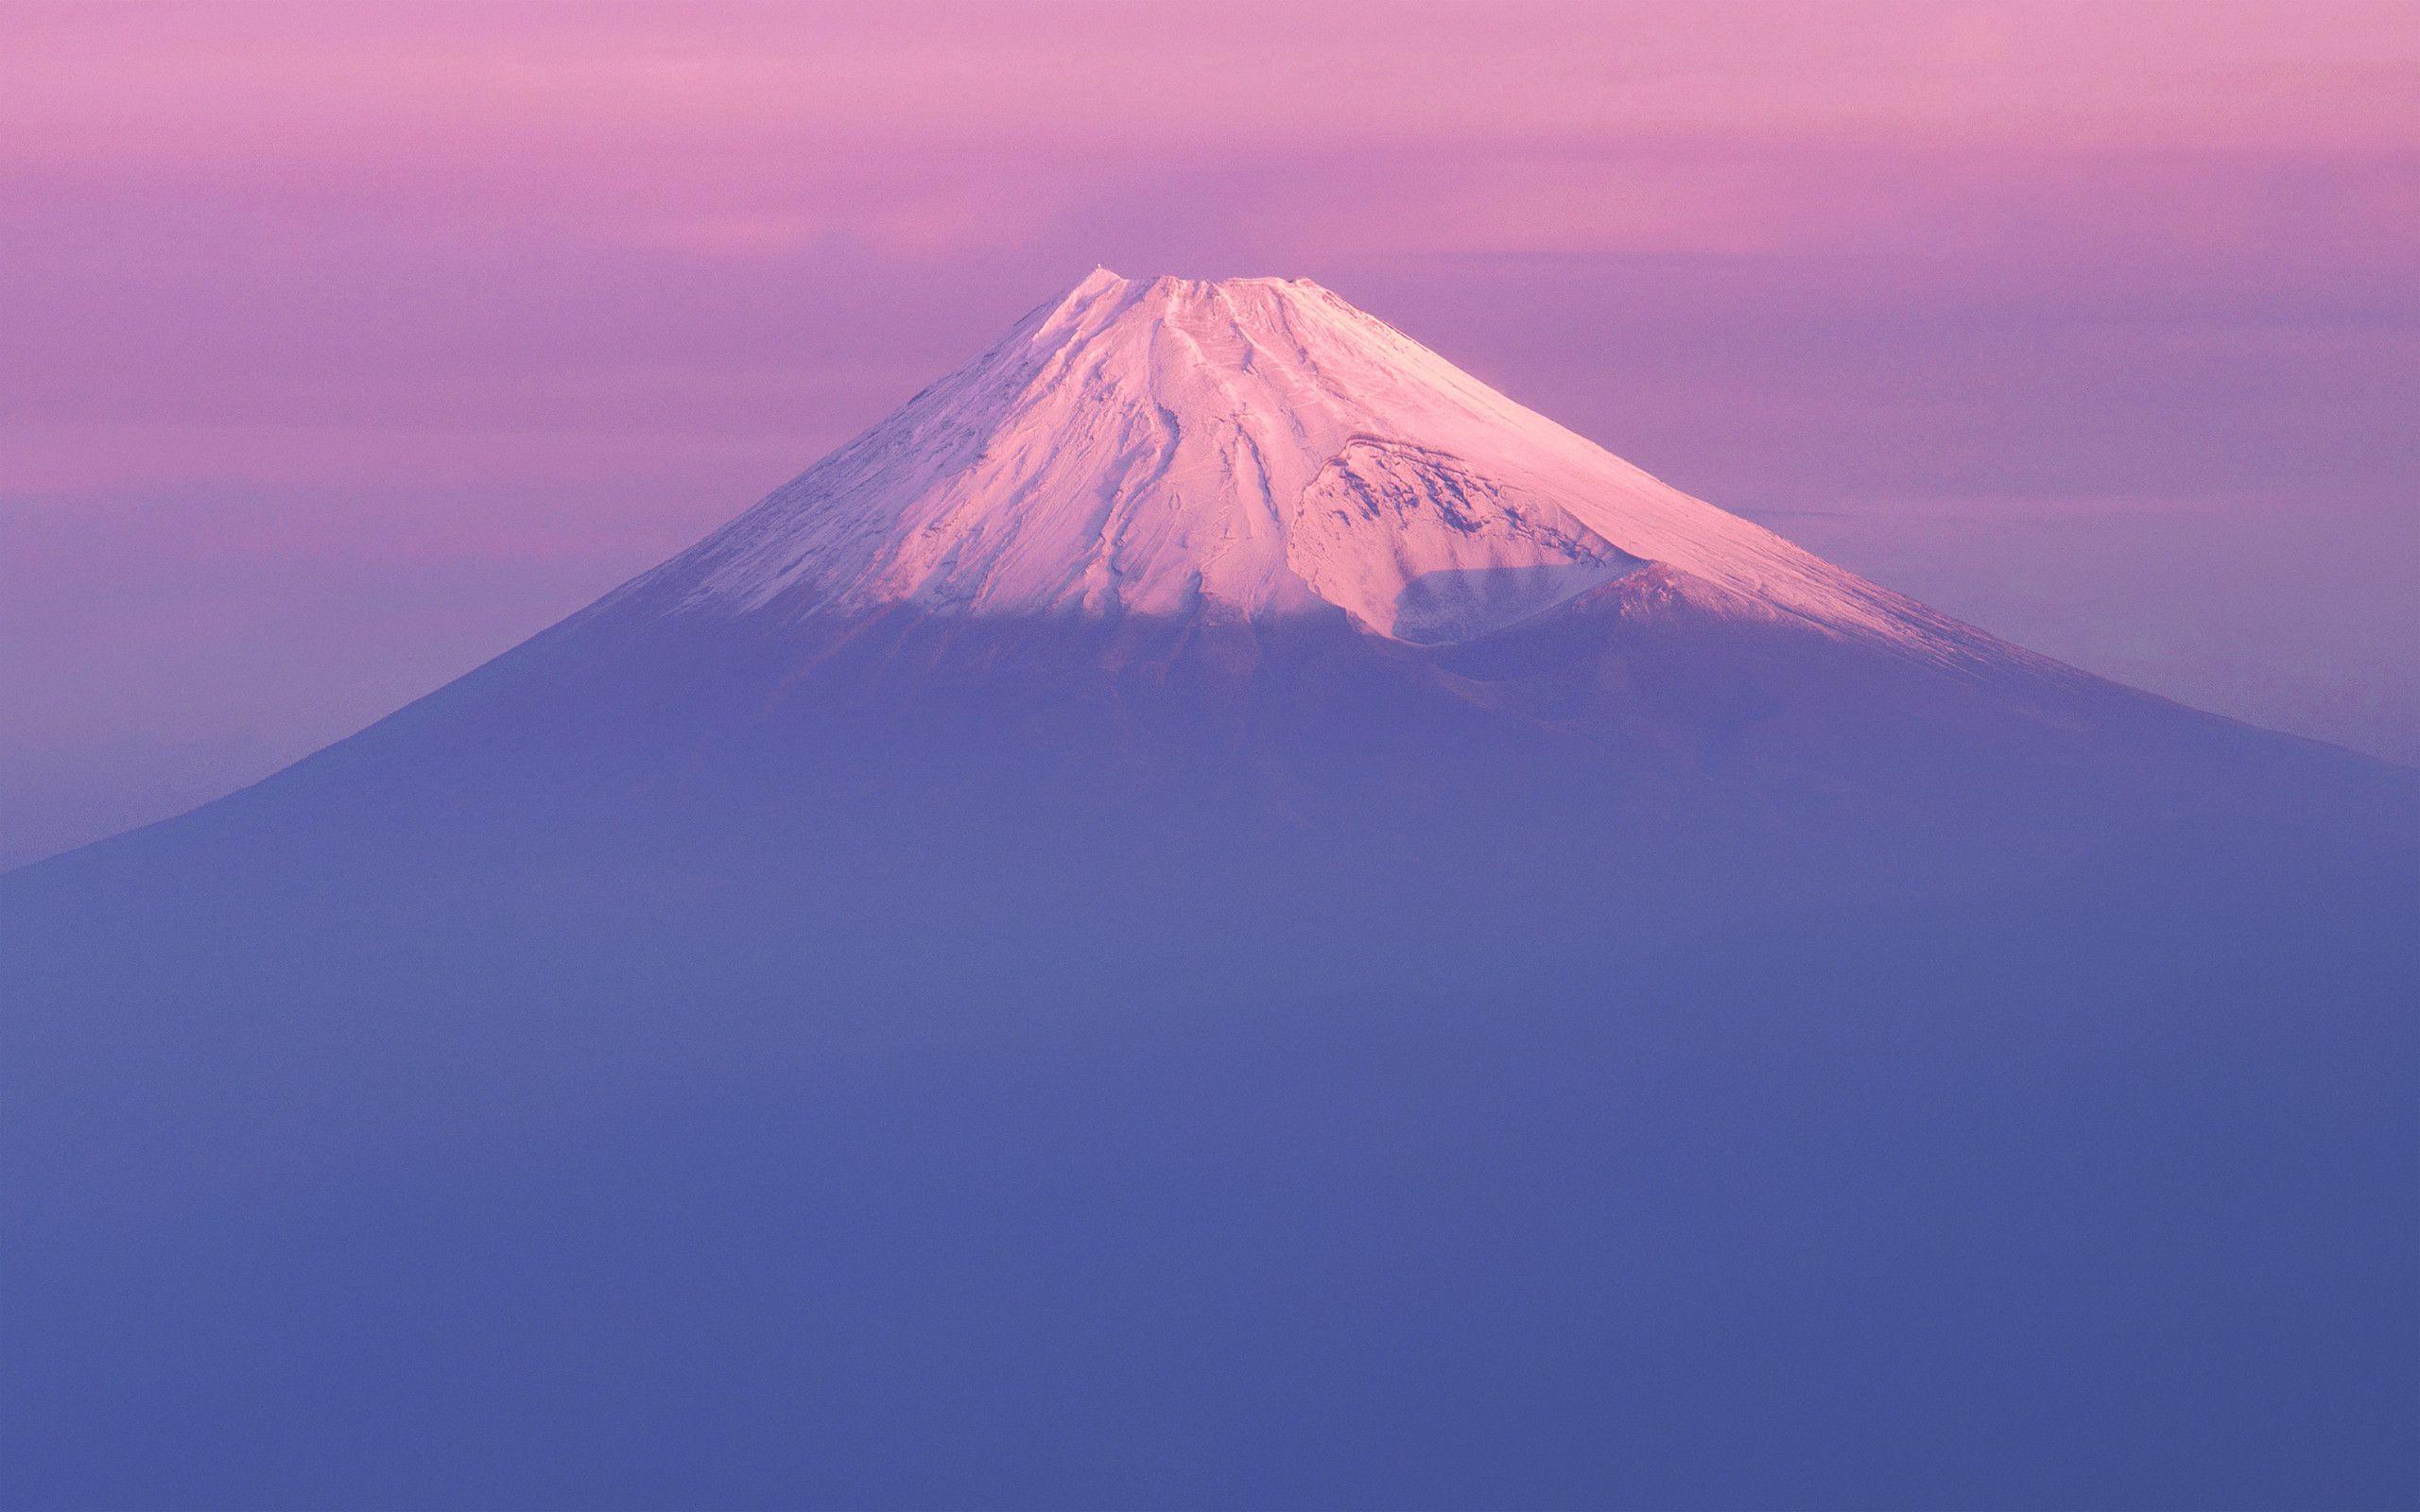 Fuji Mountain Wallpaper Oficial Do Mac Os X 10 7 Lion Beta Mountain Wallpaper Mount Fuji Aesthetic Wallpapers